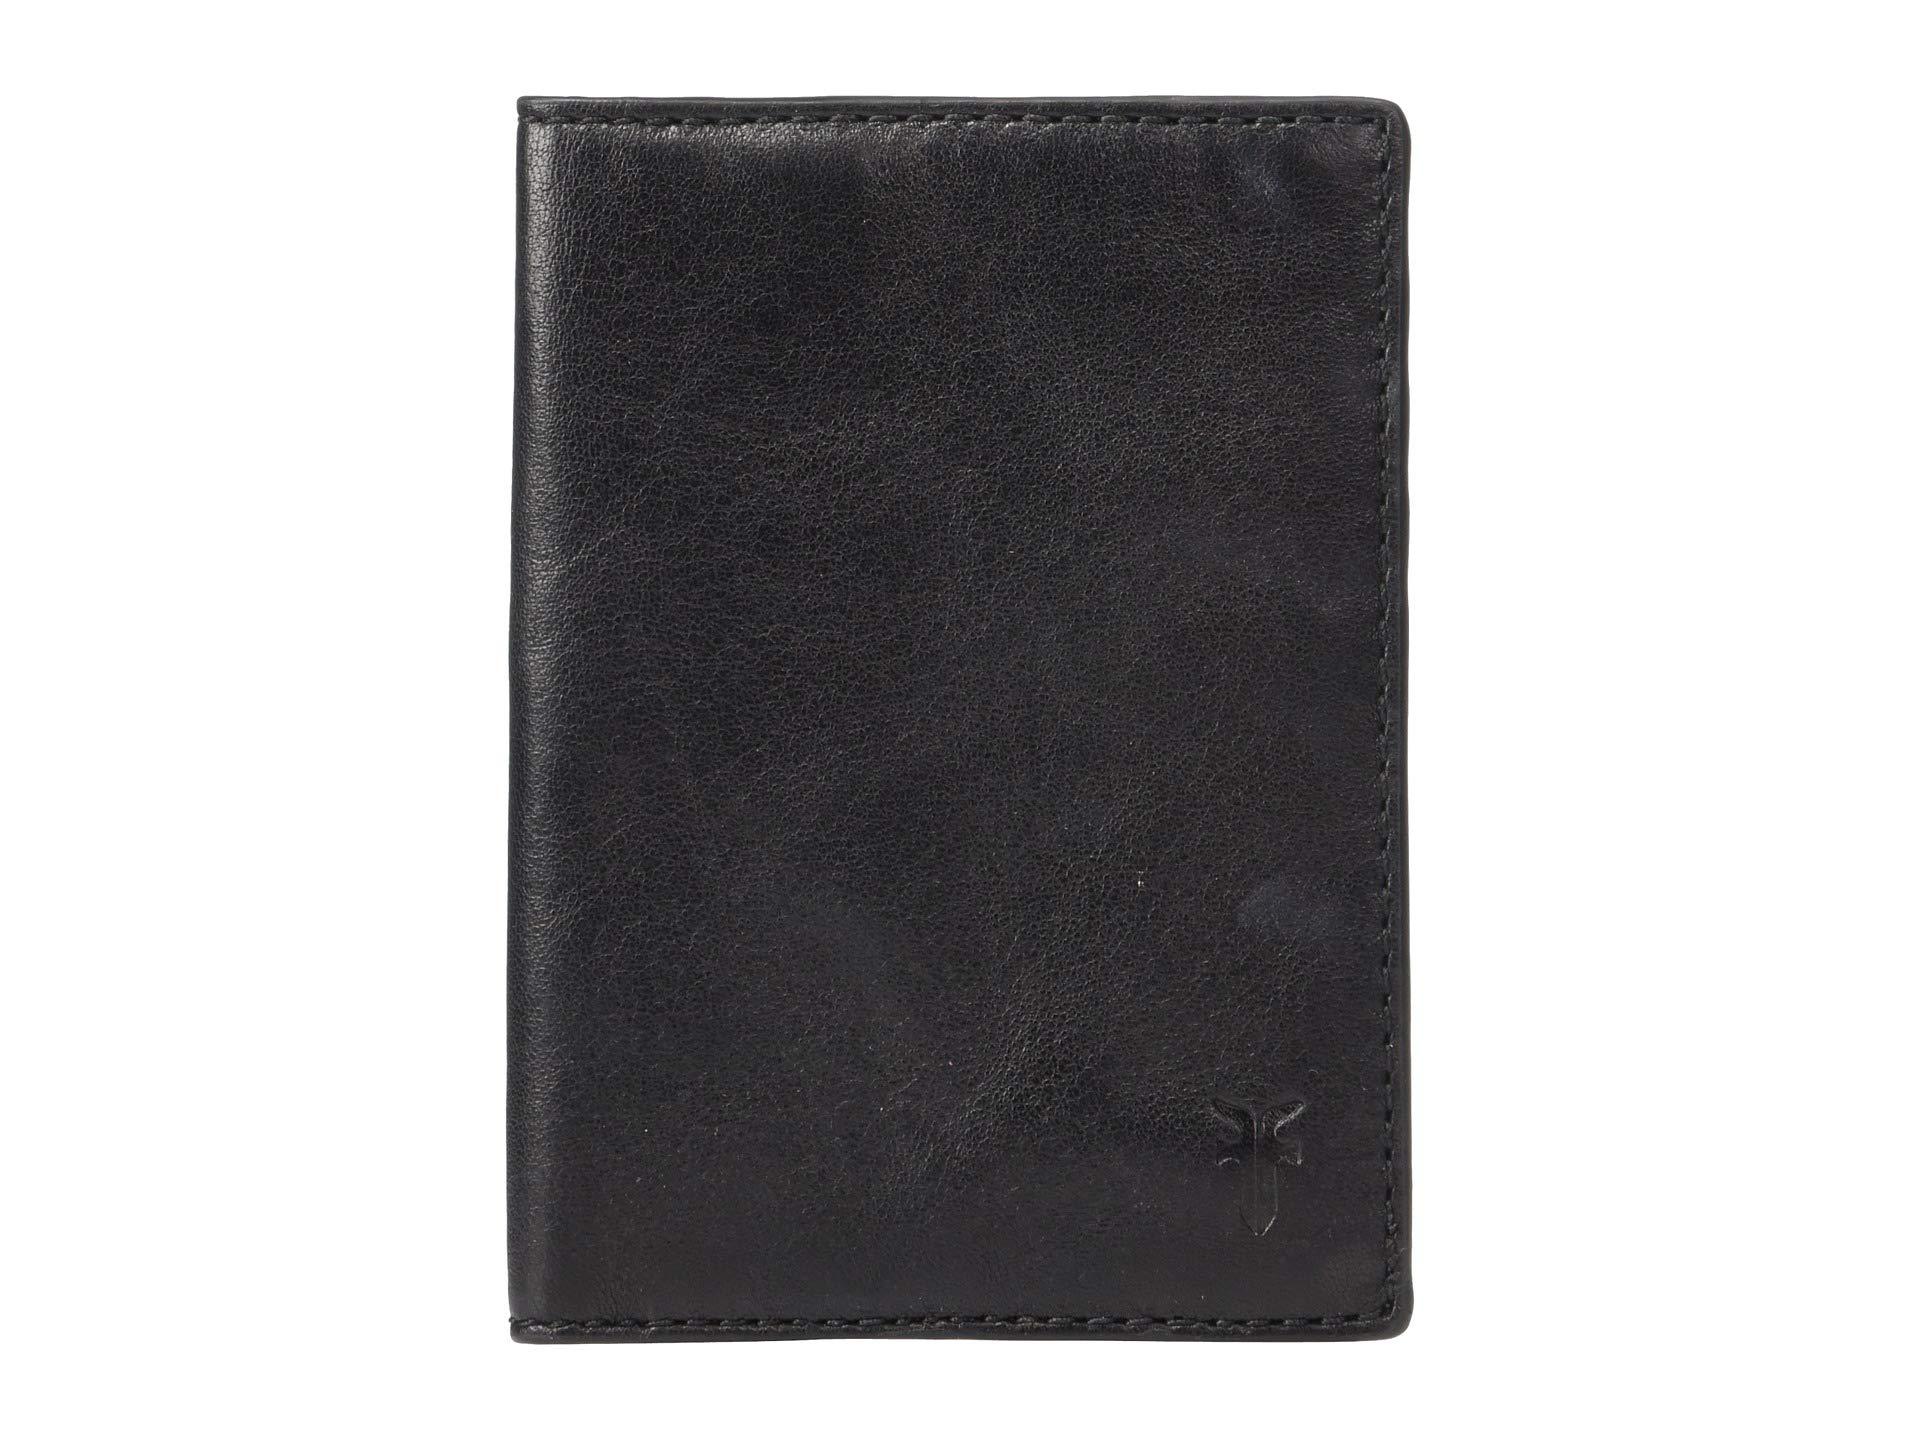 Veg Tan Passport Case Frye Sheep Black 6xY8qO